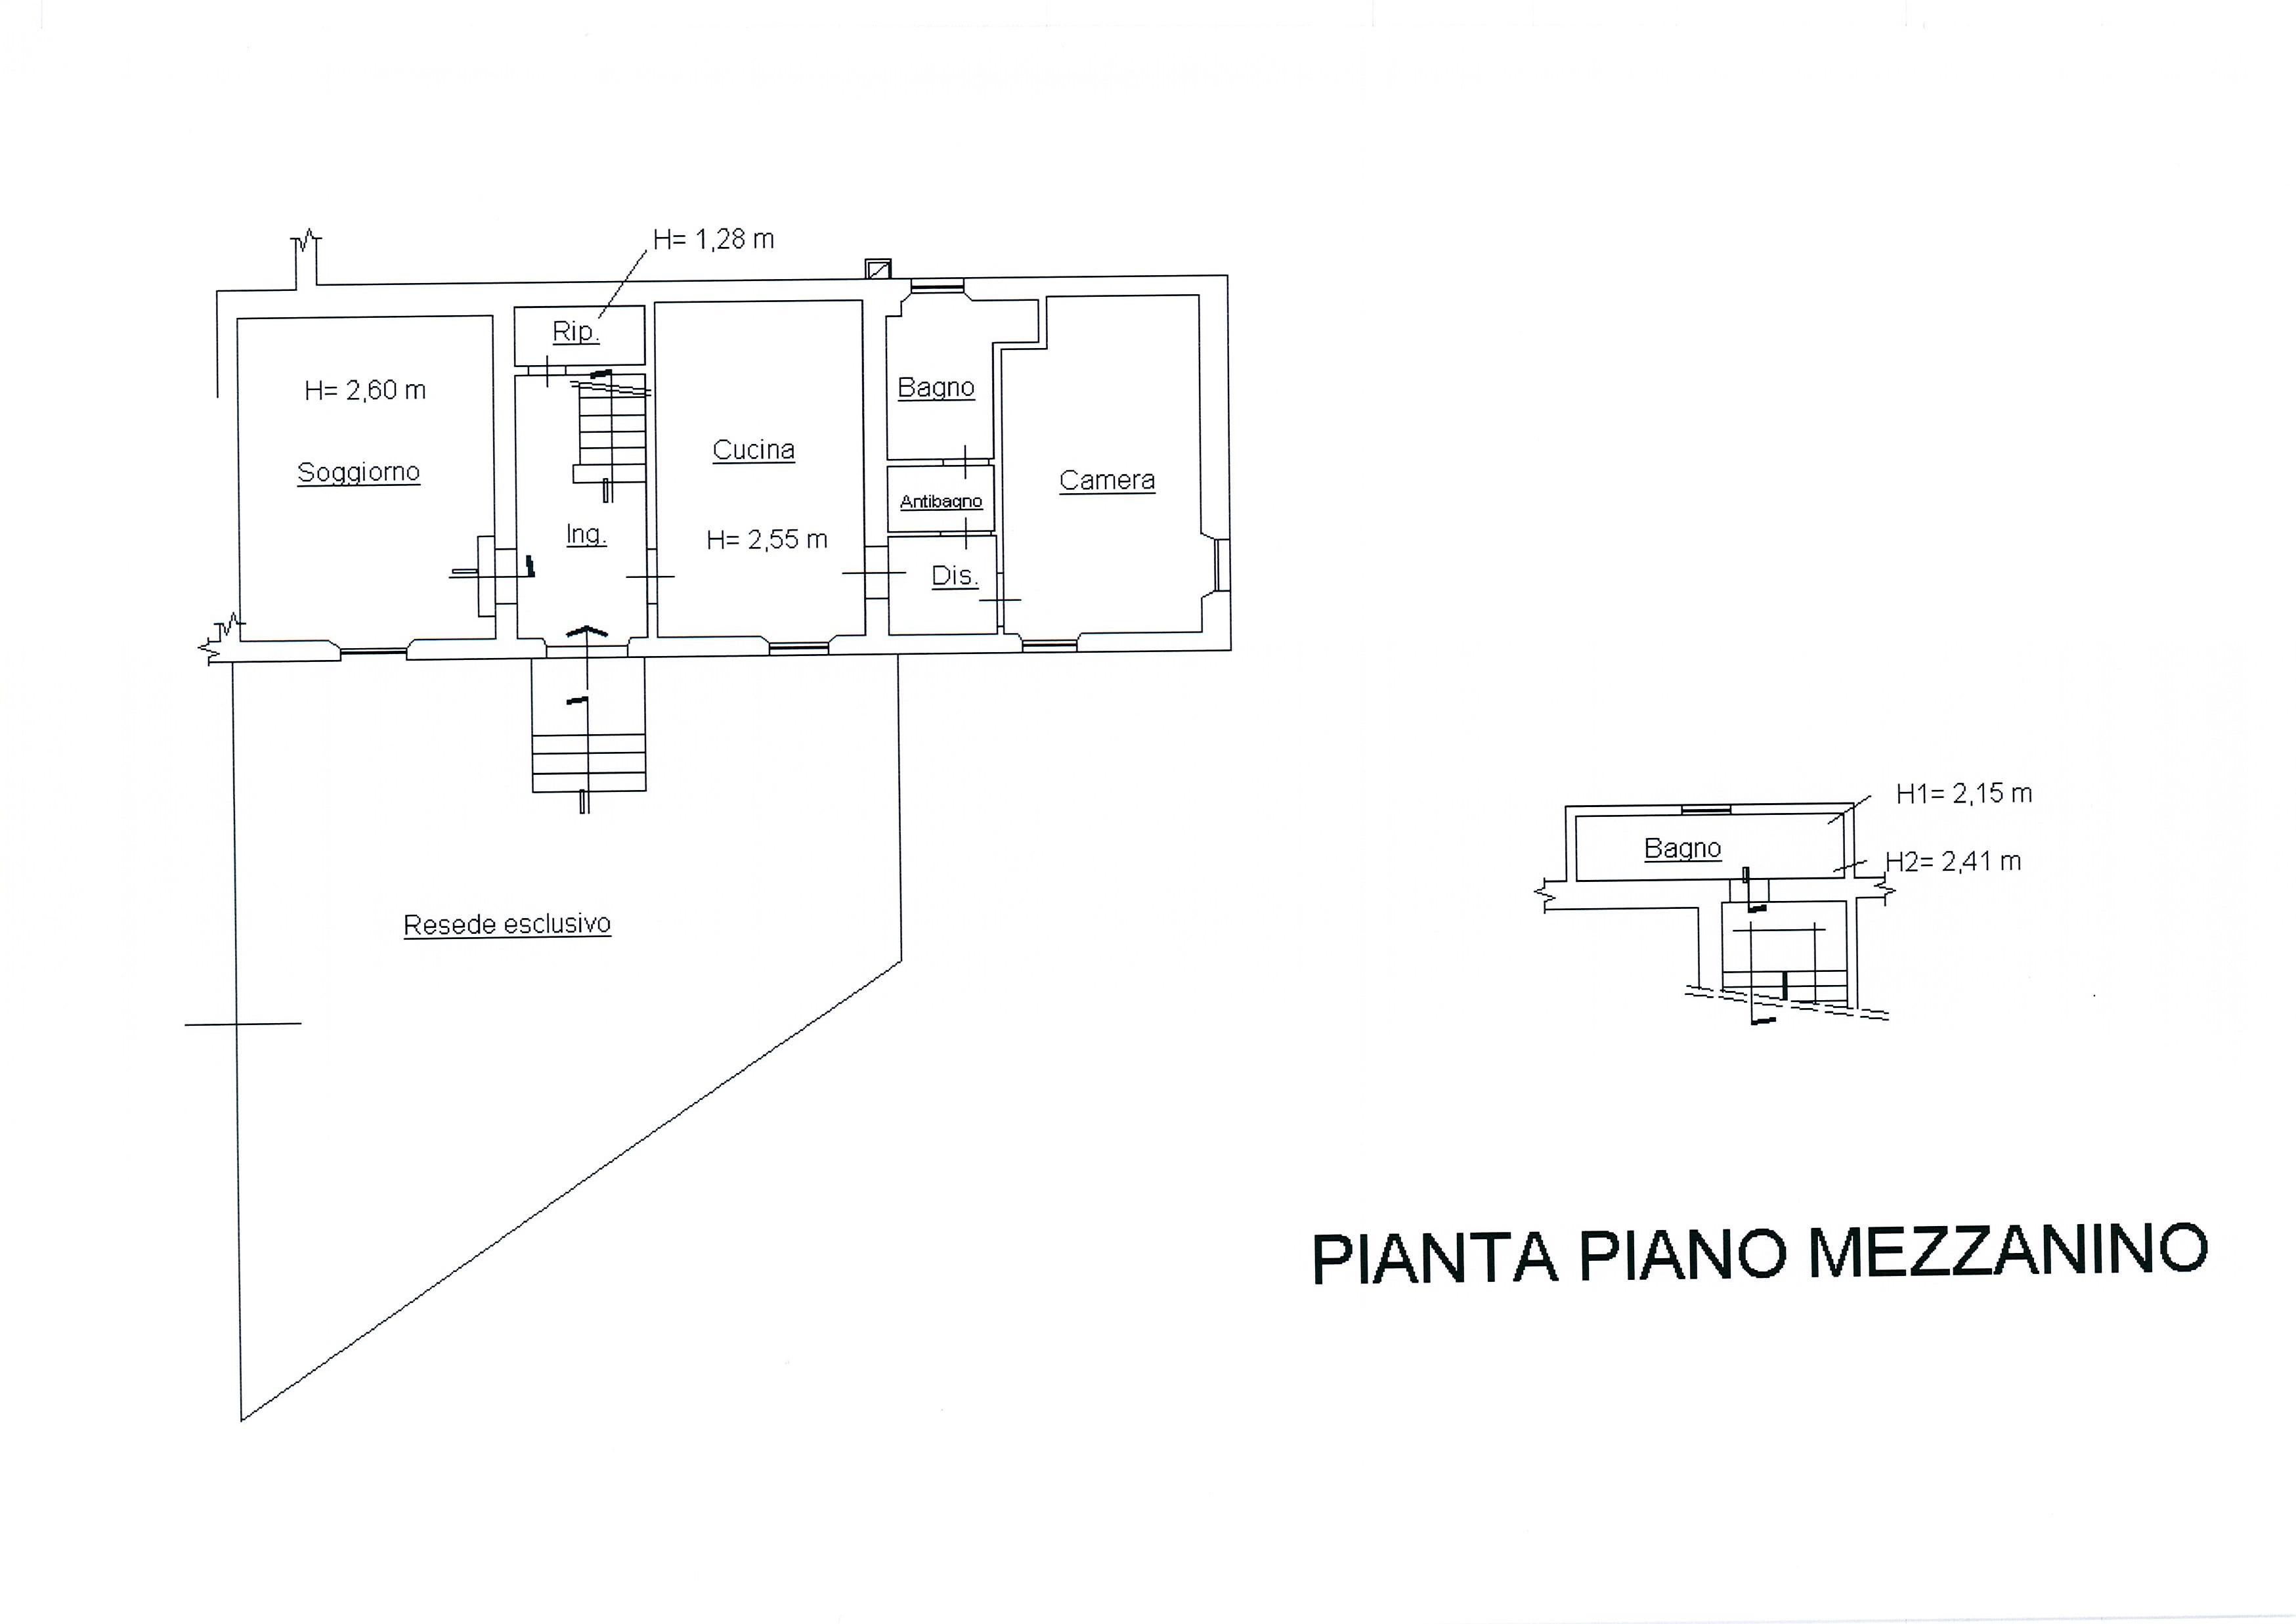 Planimetria /4 per rif. 1752a